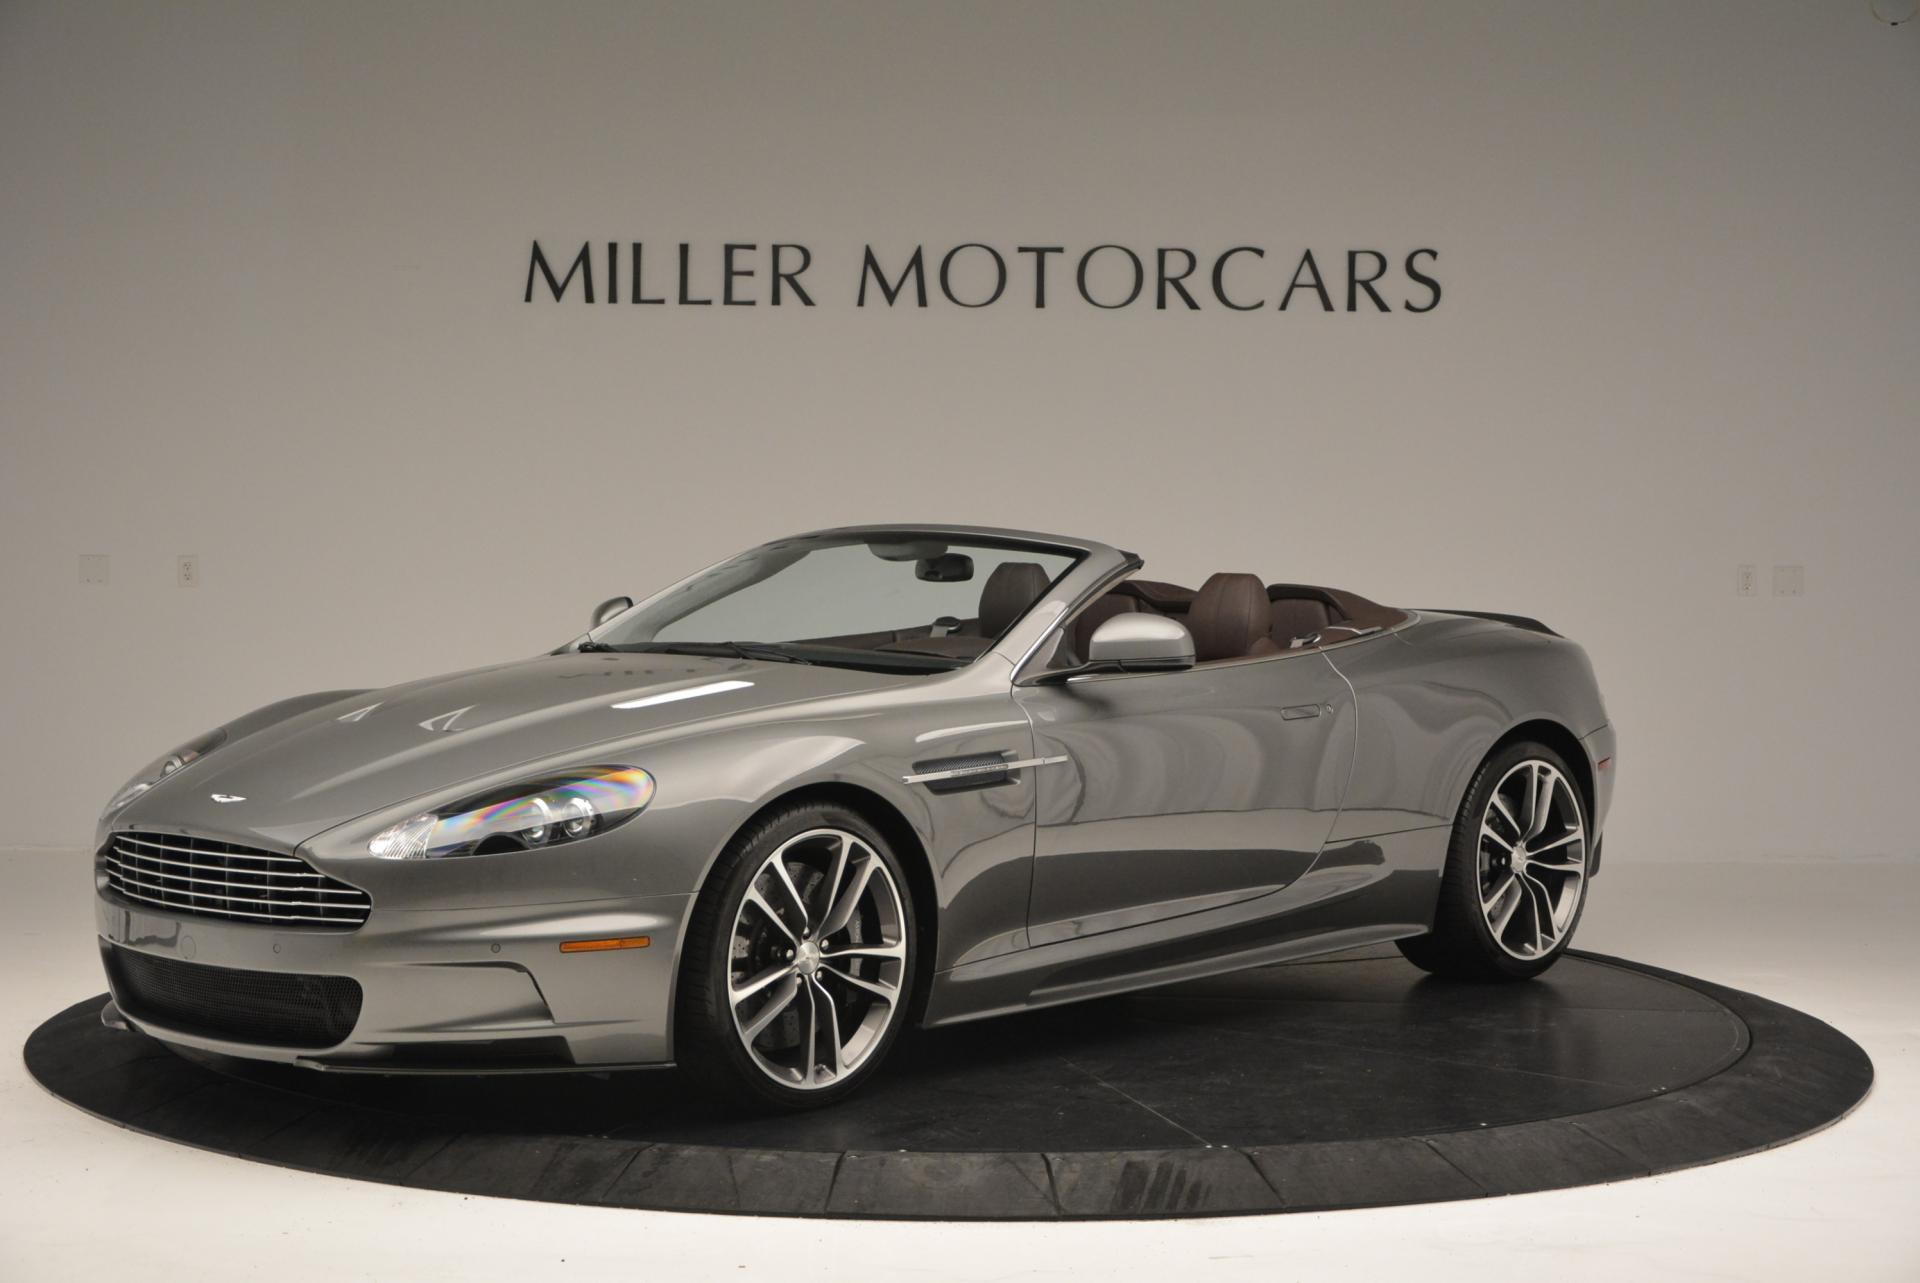 Used 2010 Aston Martin DBS Volante For Sale In Greenwich, CT. Alfa Romeo of Greenwich, 7035 87_p2